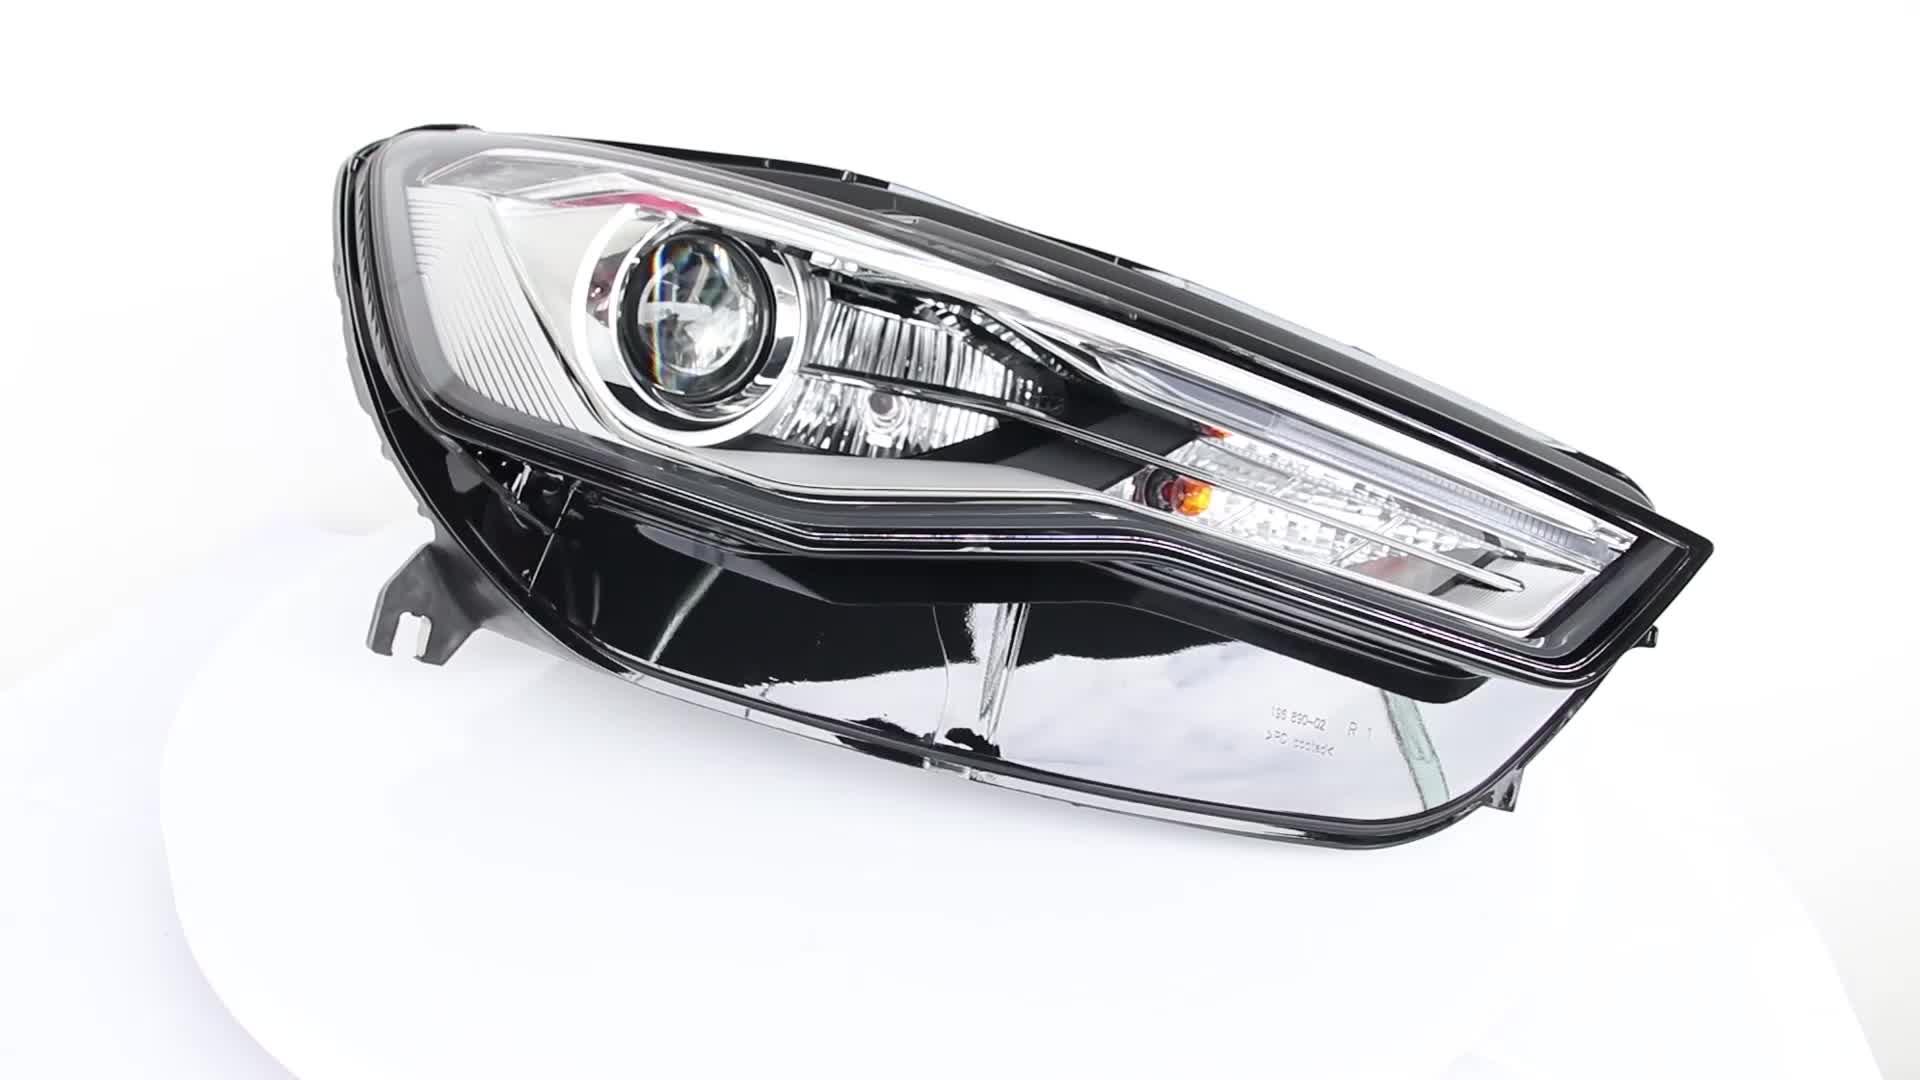 4GD941006A LED Strip Chiếu Đèn Pha Đèn Trước Left Right Ô Tô Led Đèn Pha Cho Audi A6